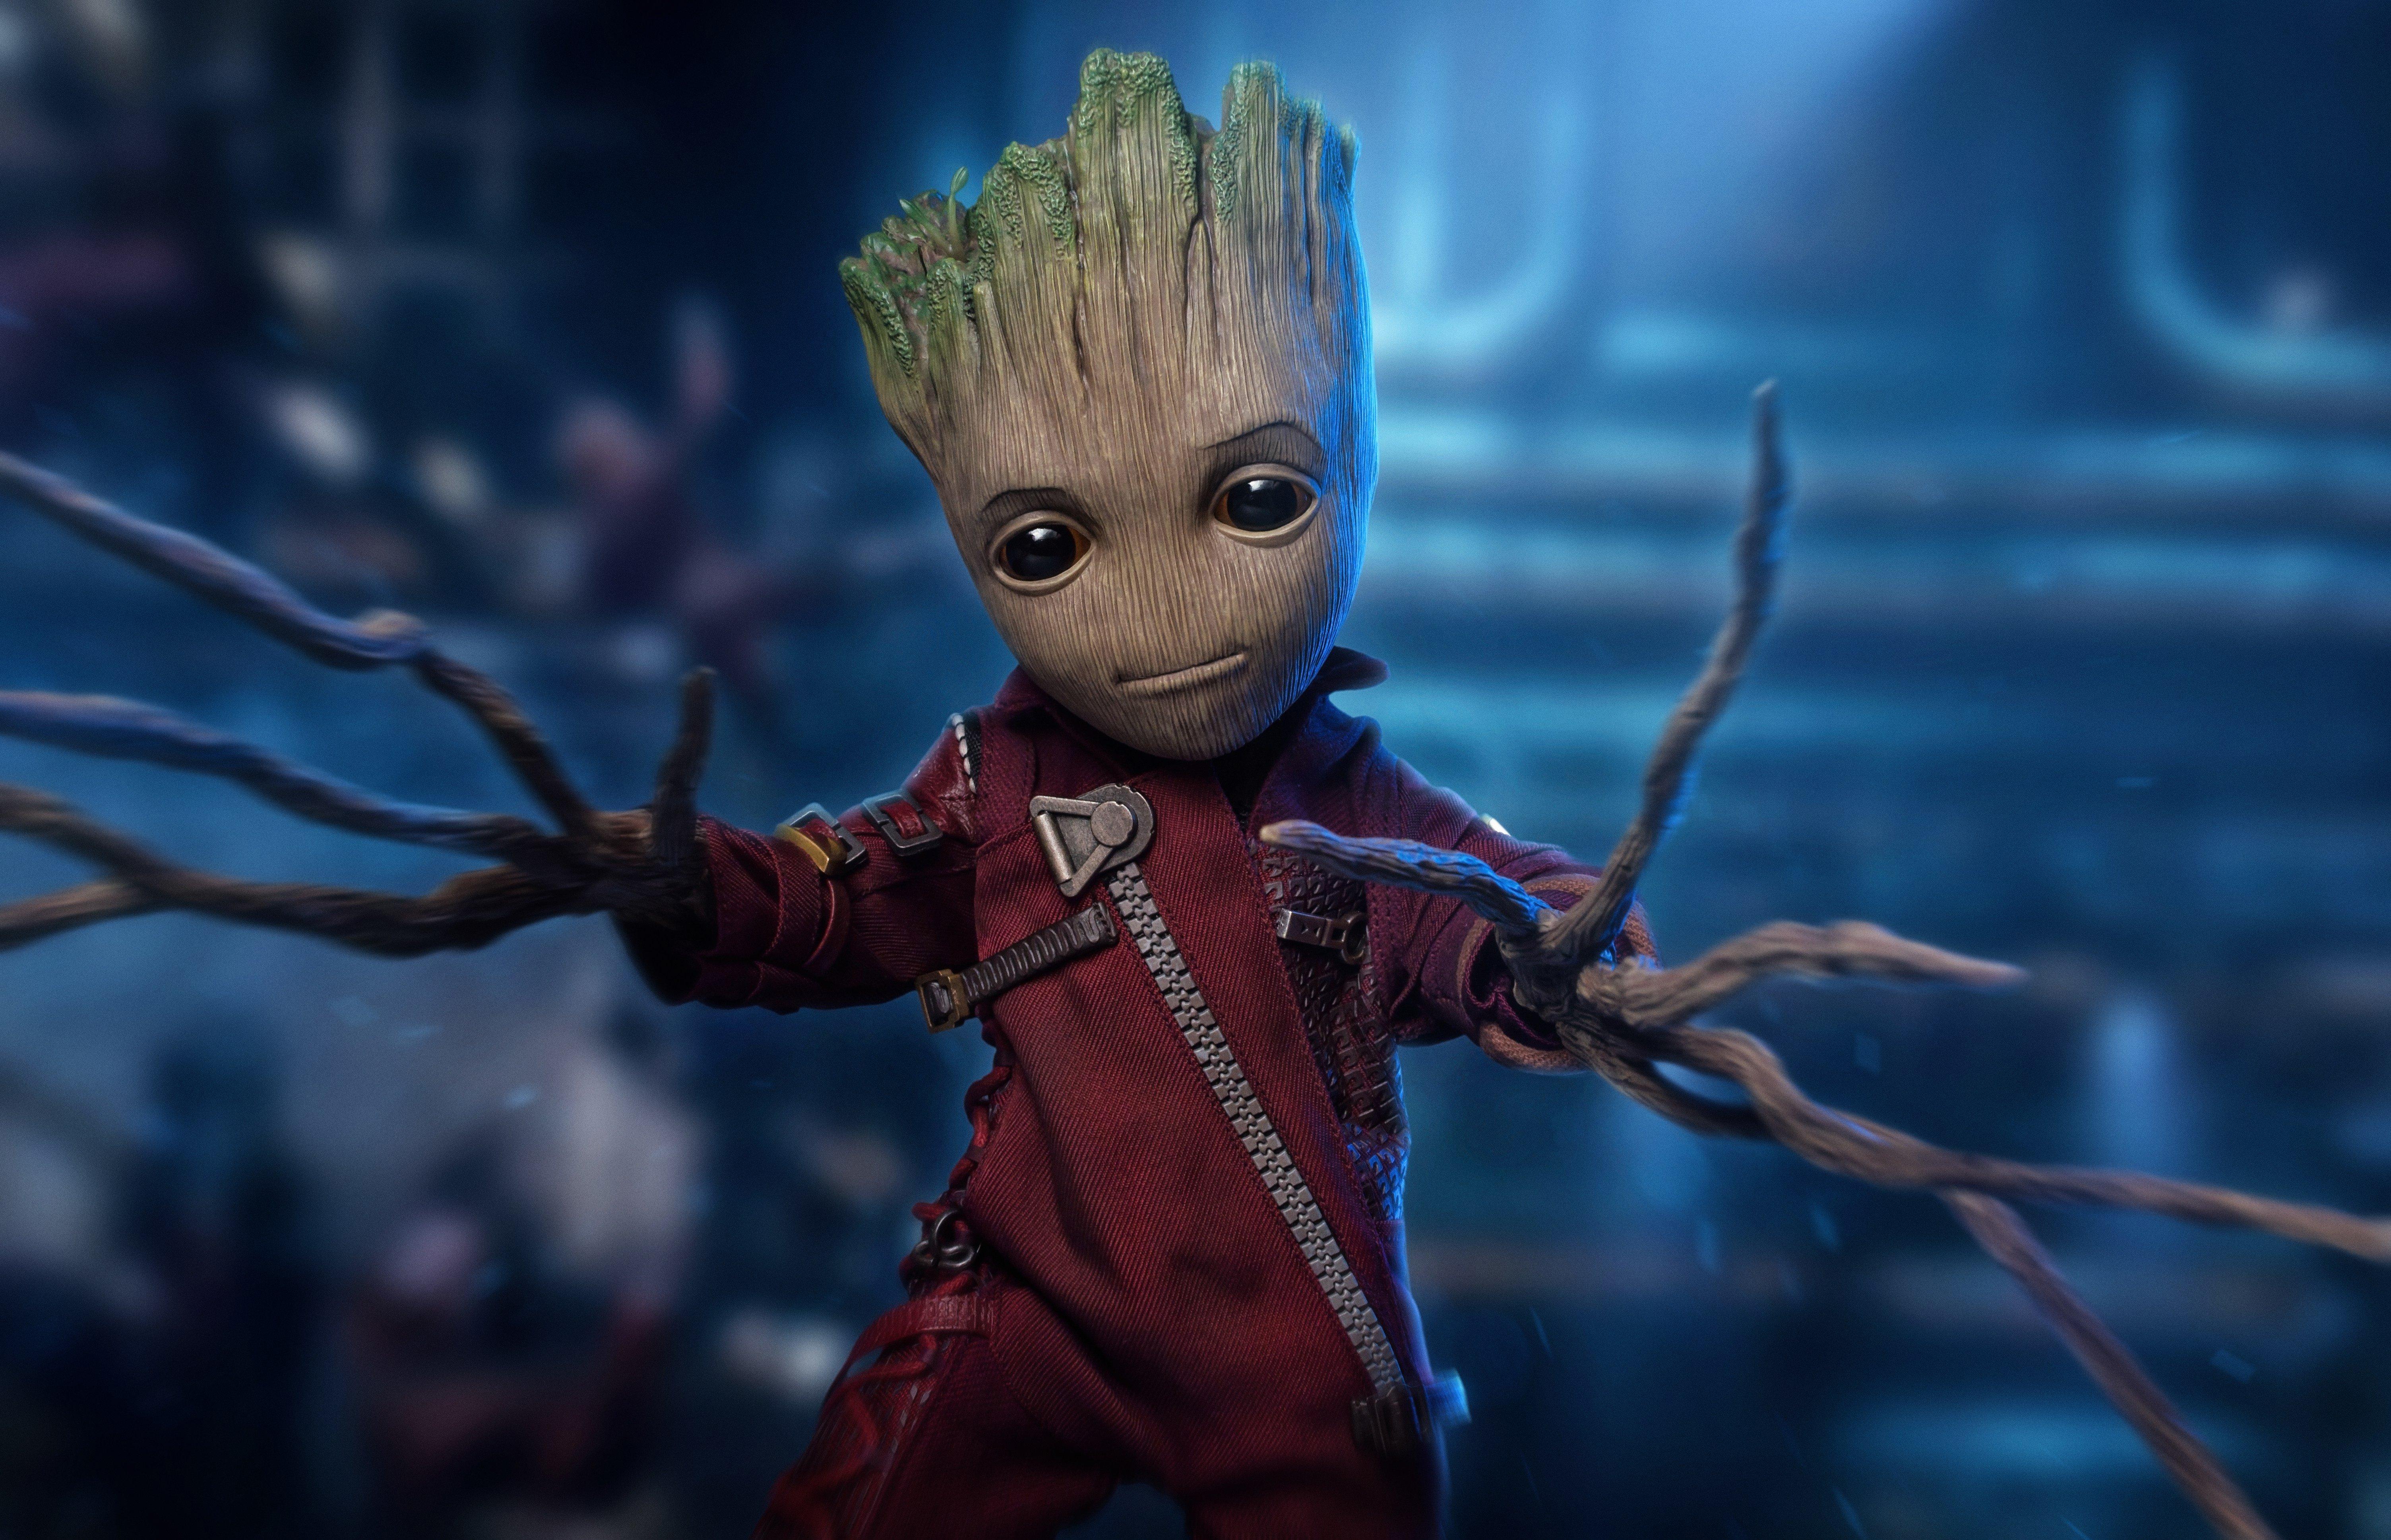 Fondos de pantalla Baby Groot Guardianes de la Galaxia